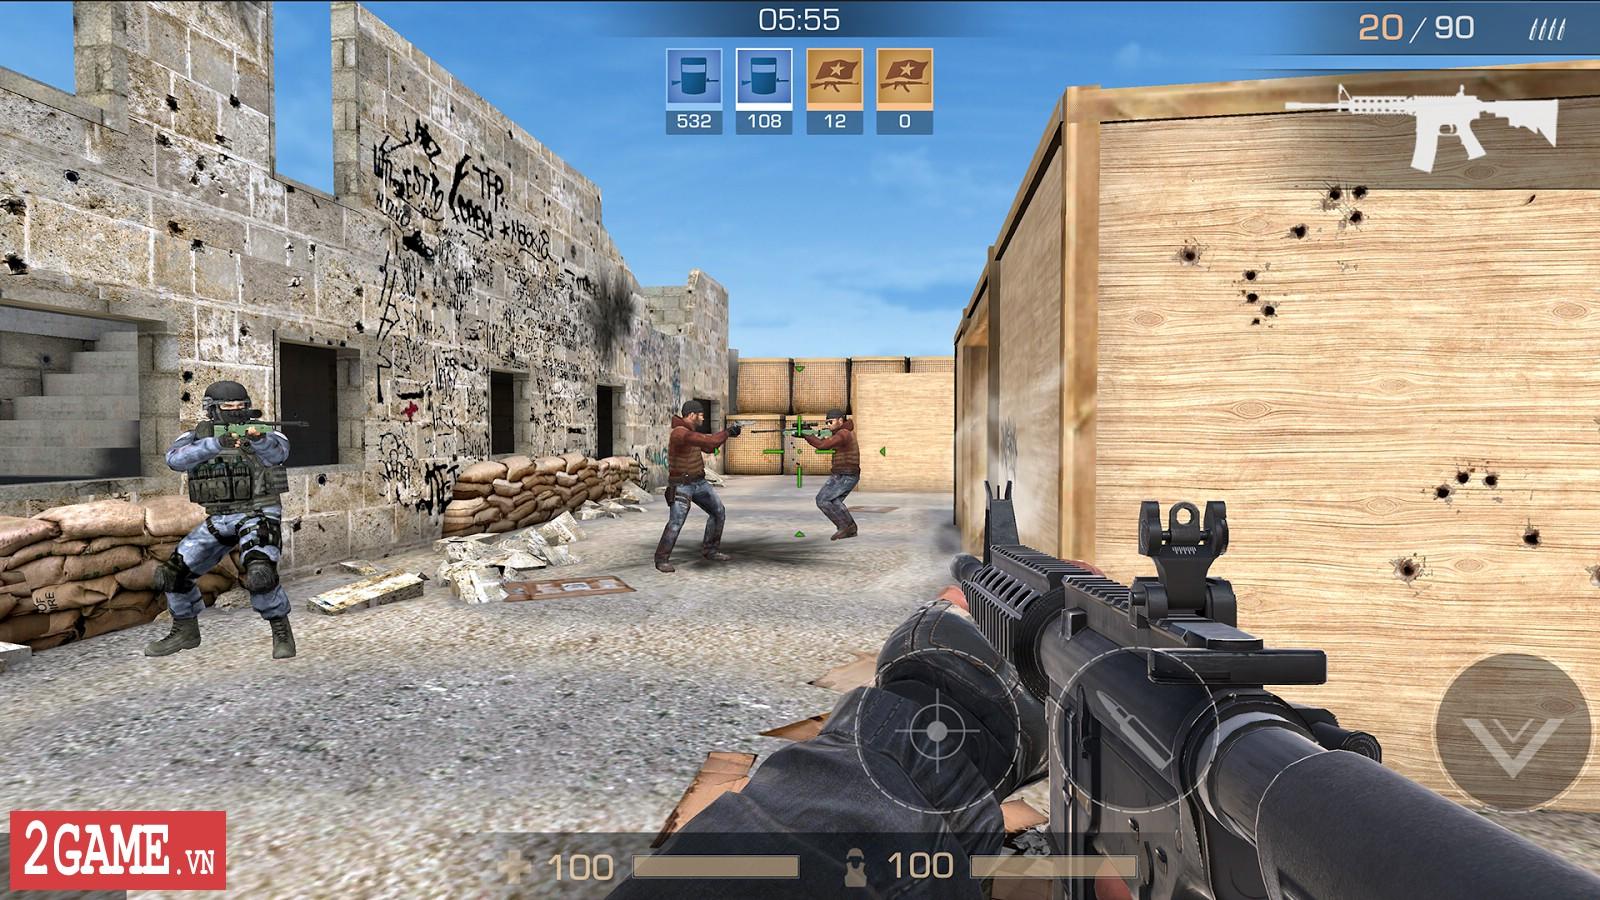 Standoff 2 - Game mobile bắn súng với đồ họa 3D cực kỳ chân thực 2